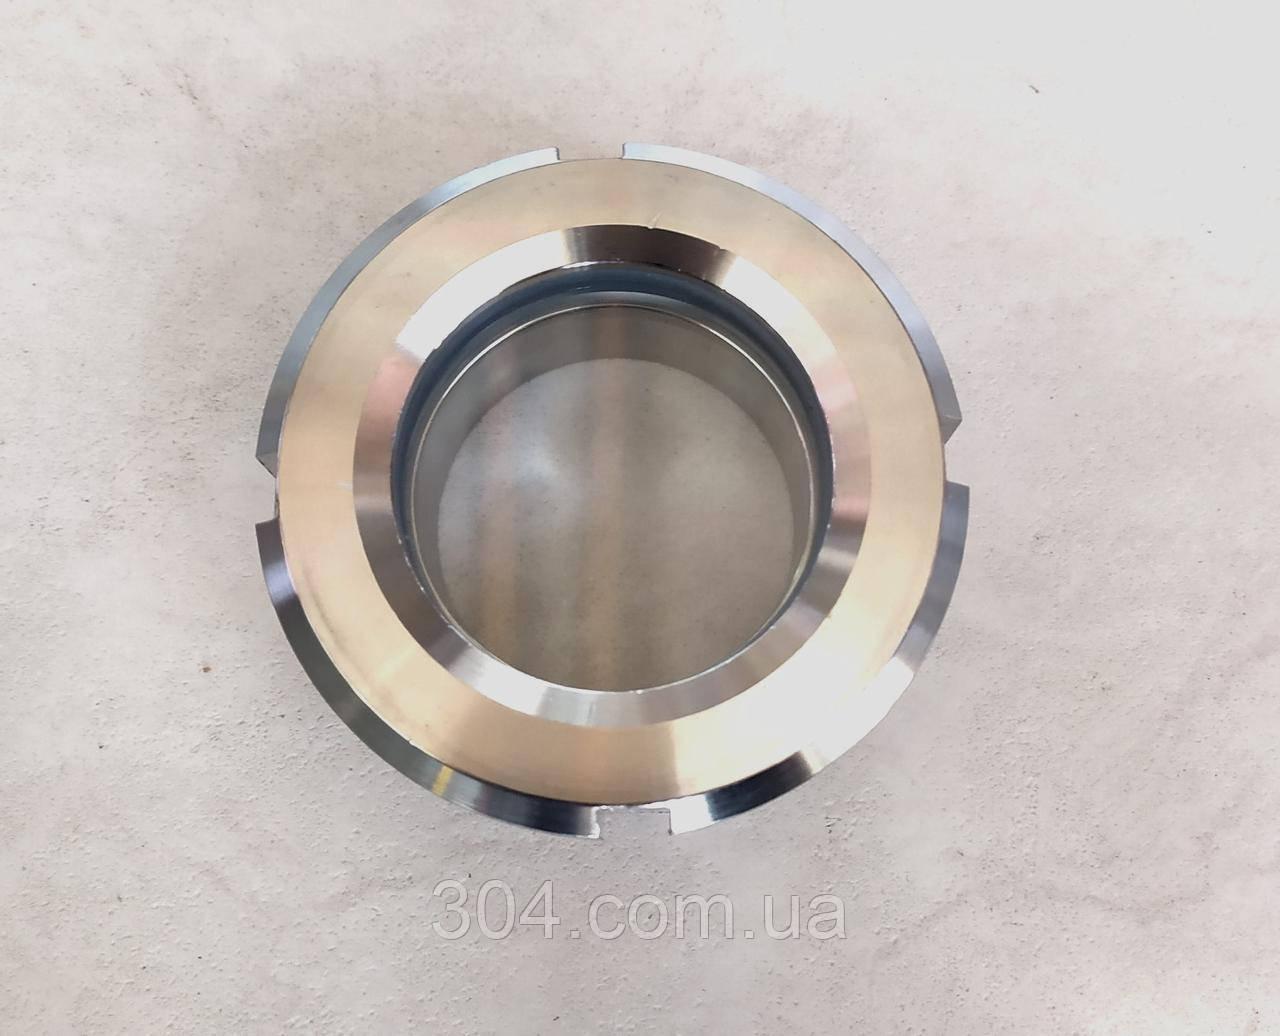 Диоптр плоский (Окно смотровое)DN76, AISI 304